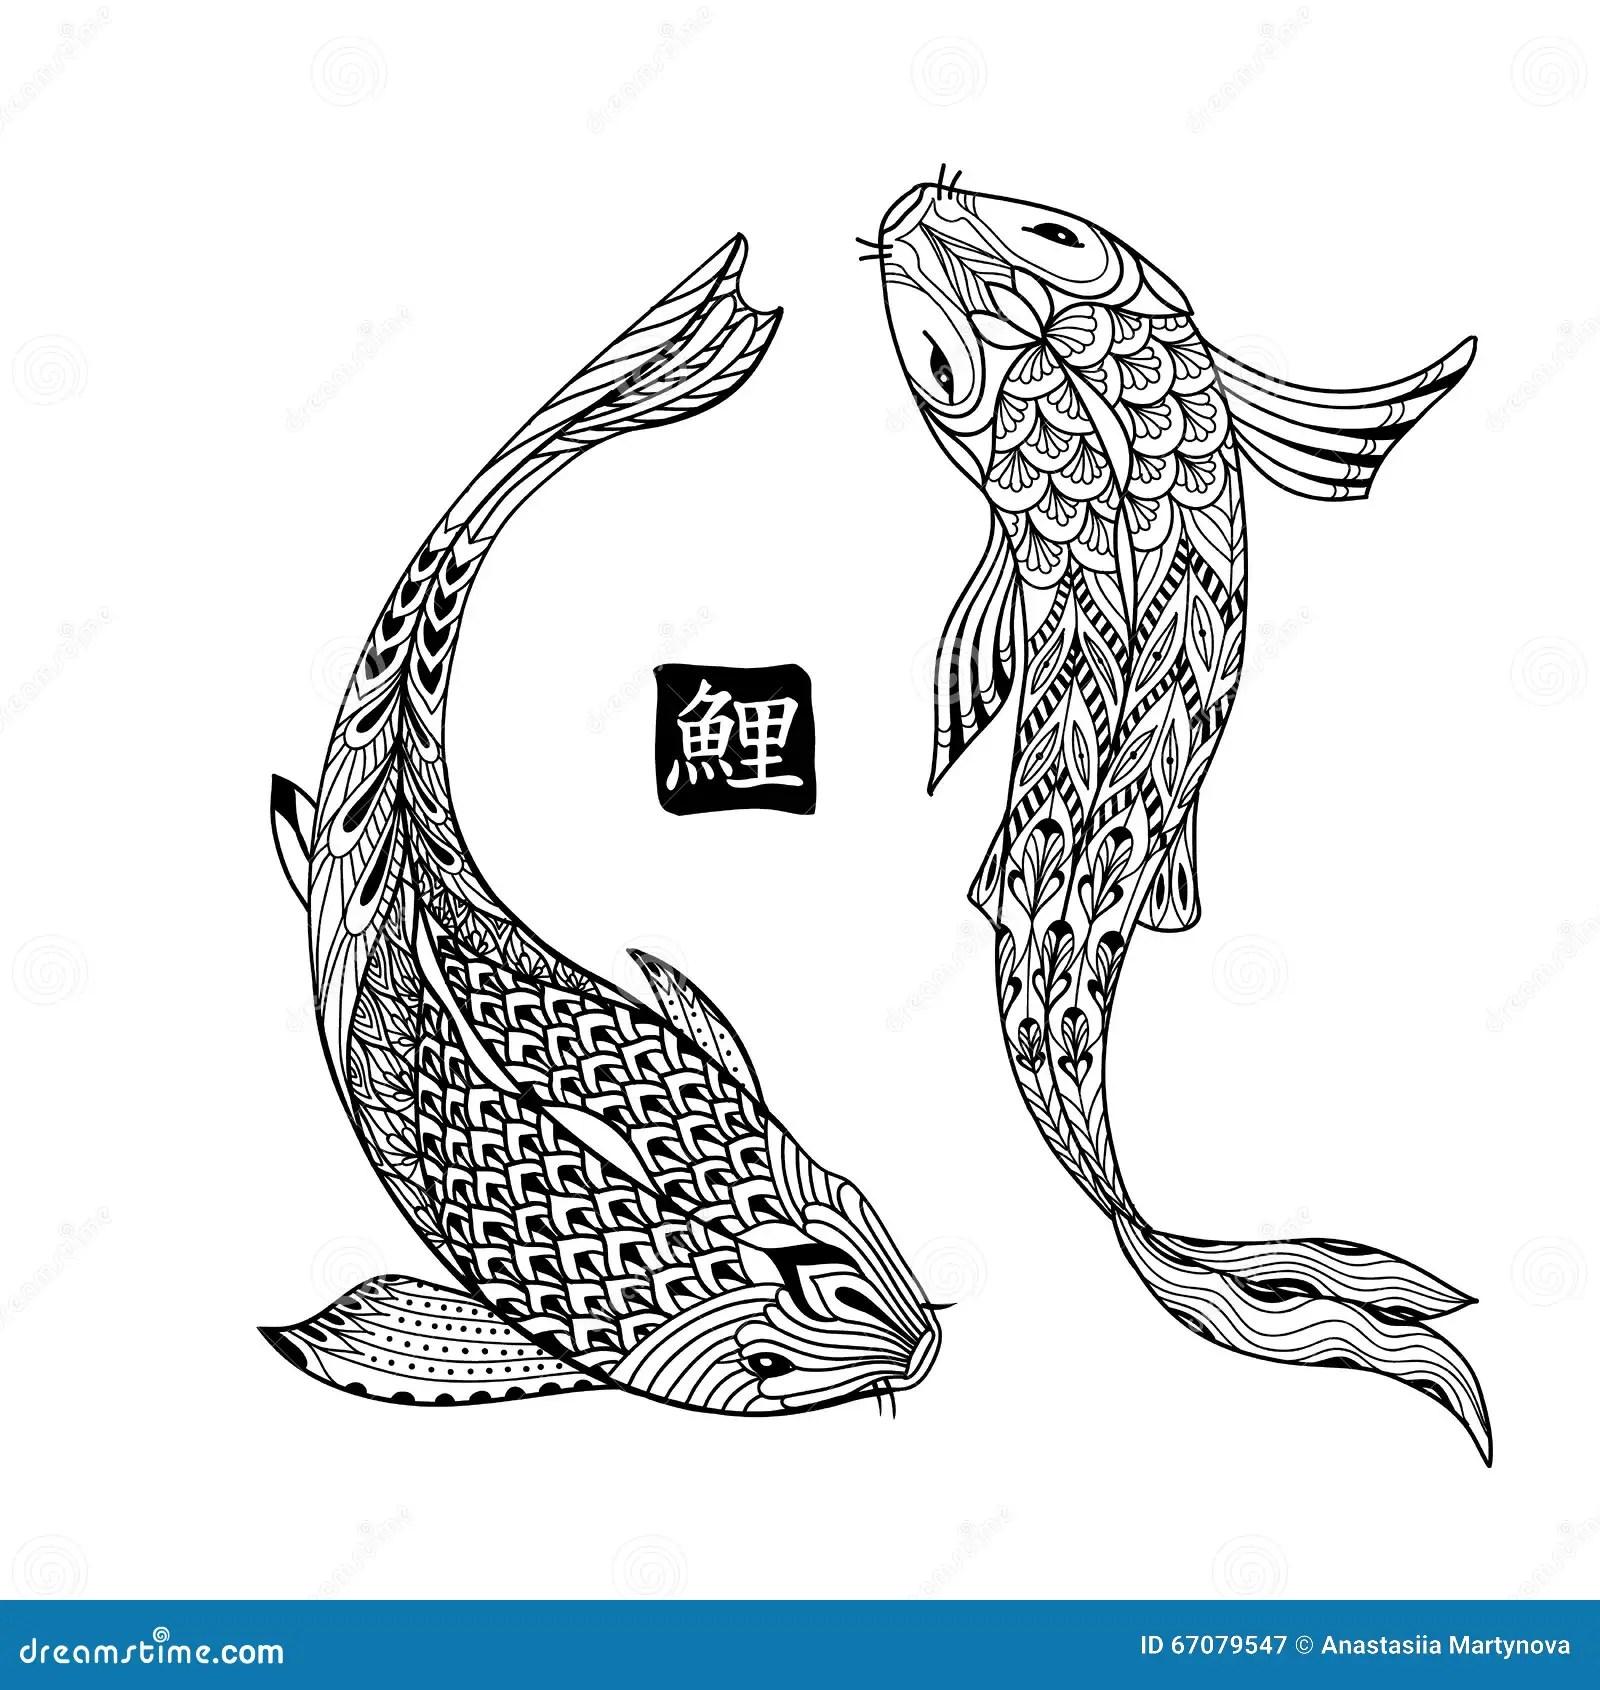 Peixes Tirados Mao Do Koi A Lapis Japones Desenho Da Carpa